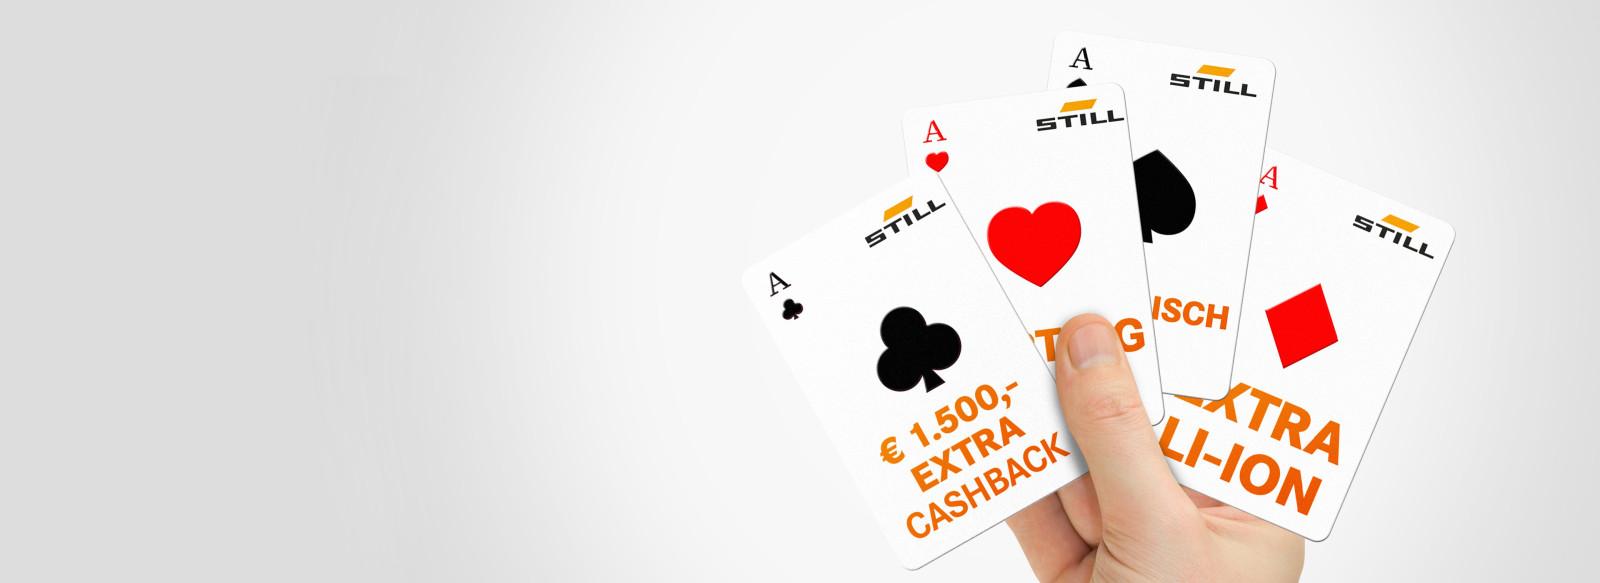 STILL speelt open kaart